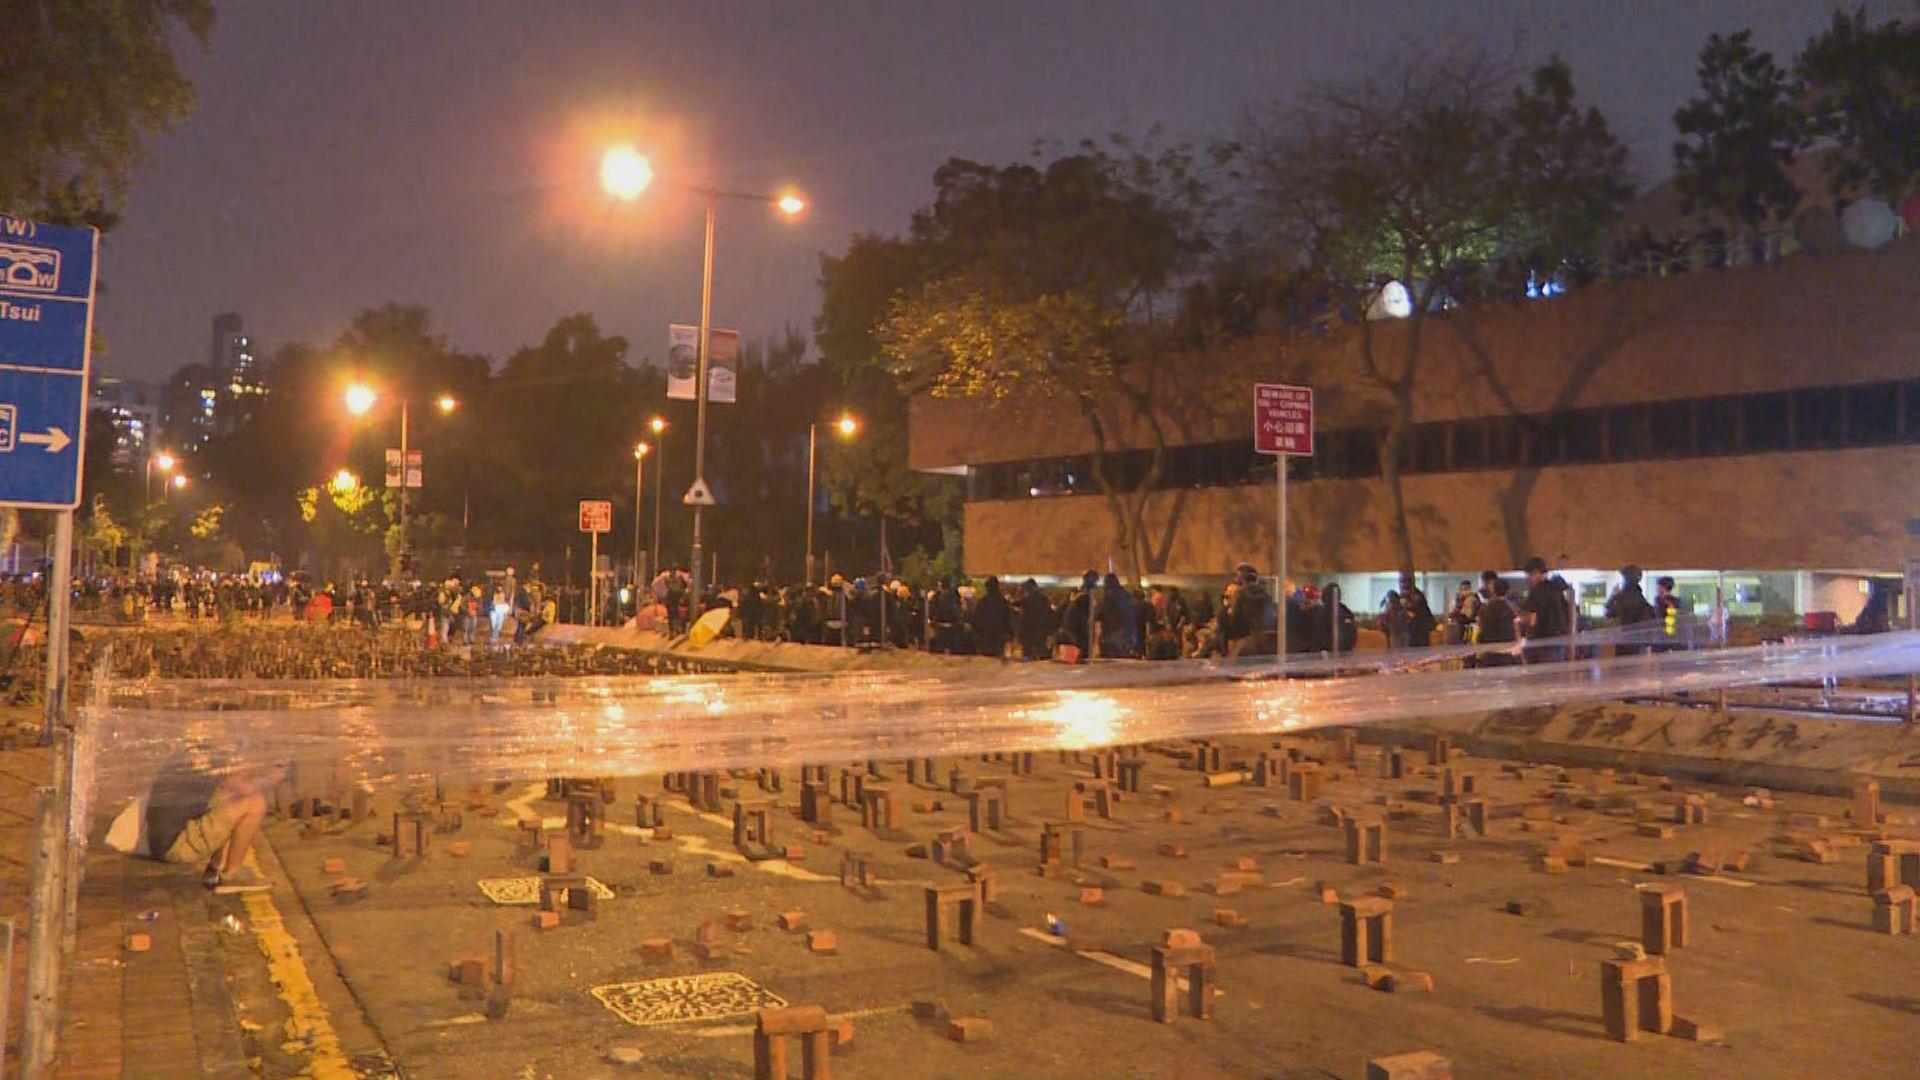 入夜後示威者繼續癱瘓主要交通幹道